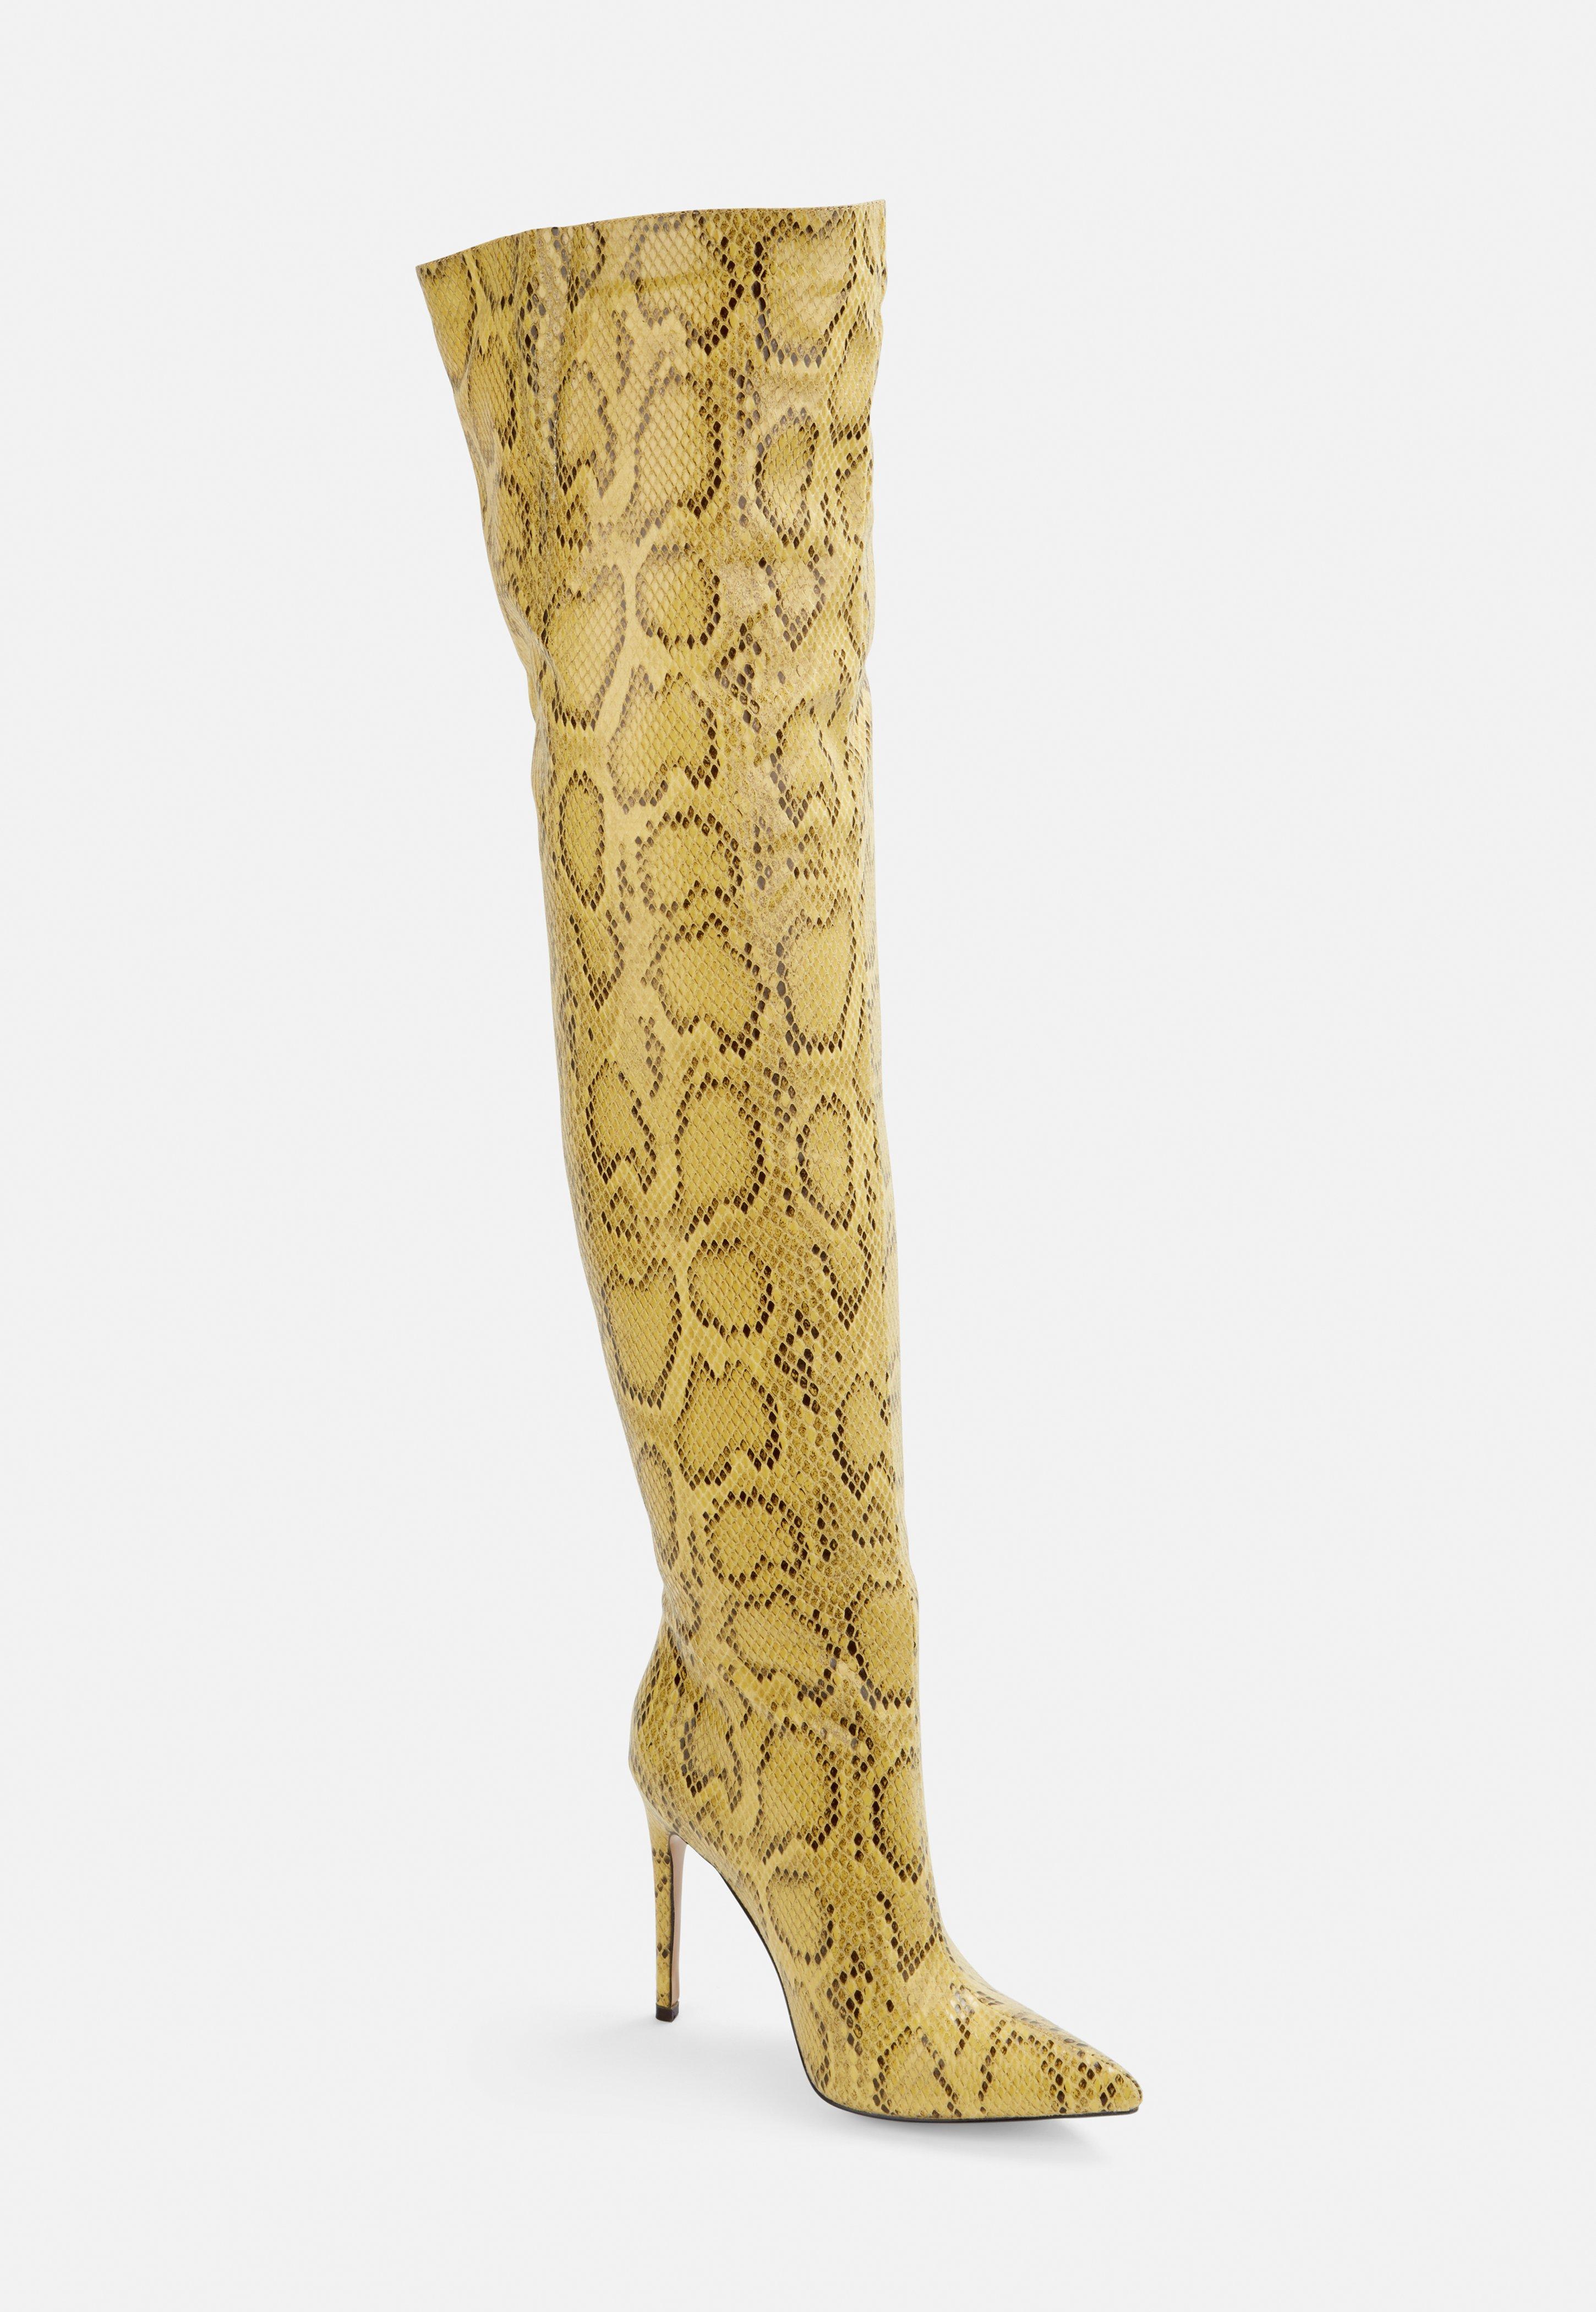 Stiefel Und Schlangenmuster Stilettoabsatz Mit Gelb In Overknee m0OvN8nw